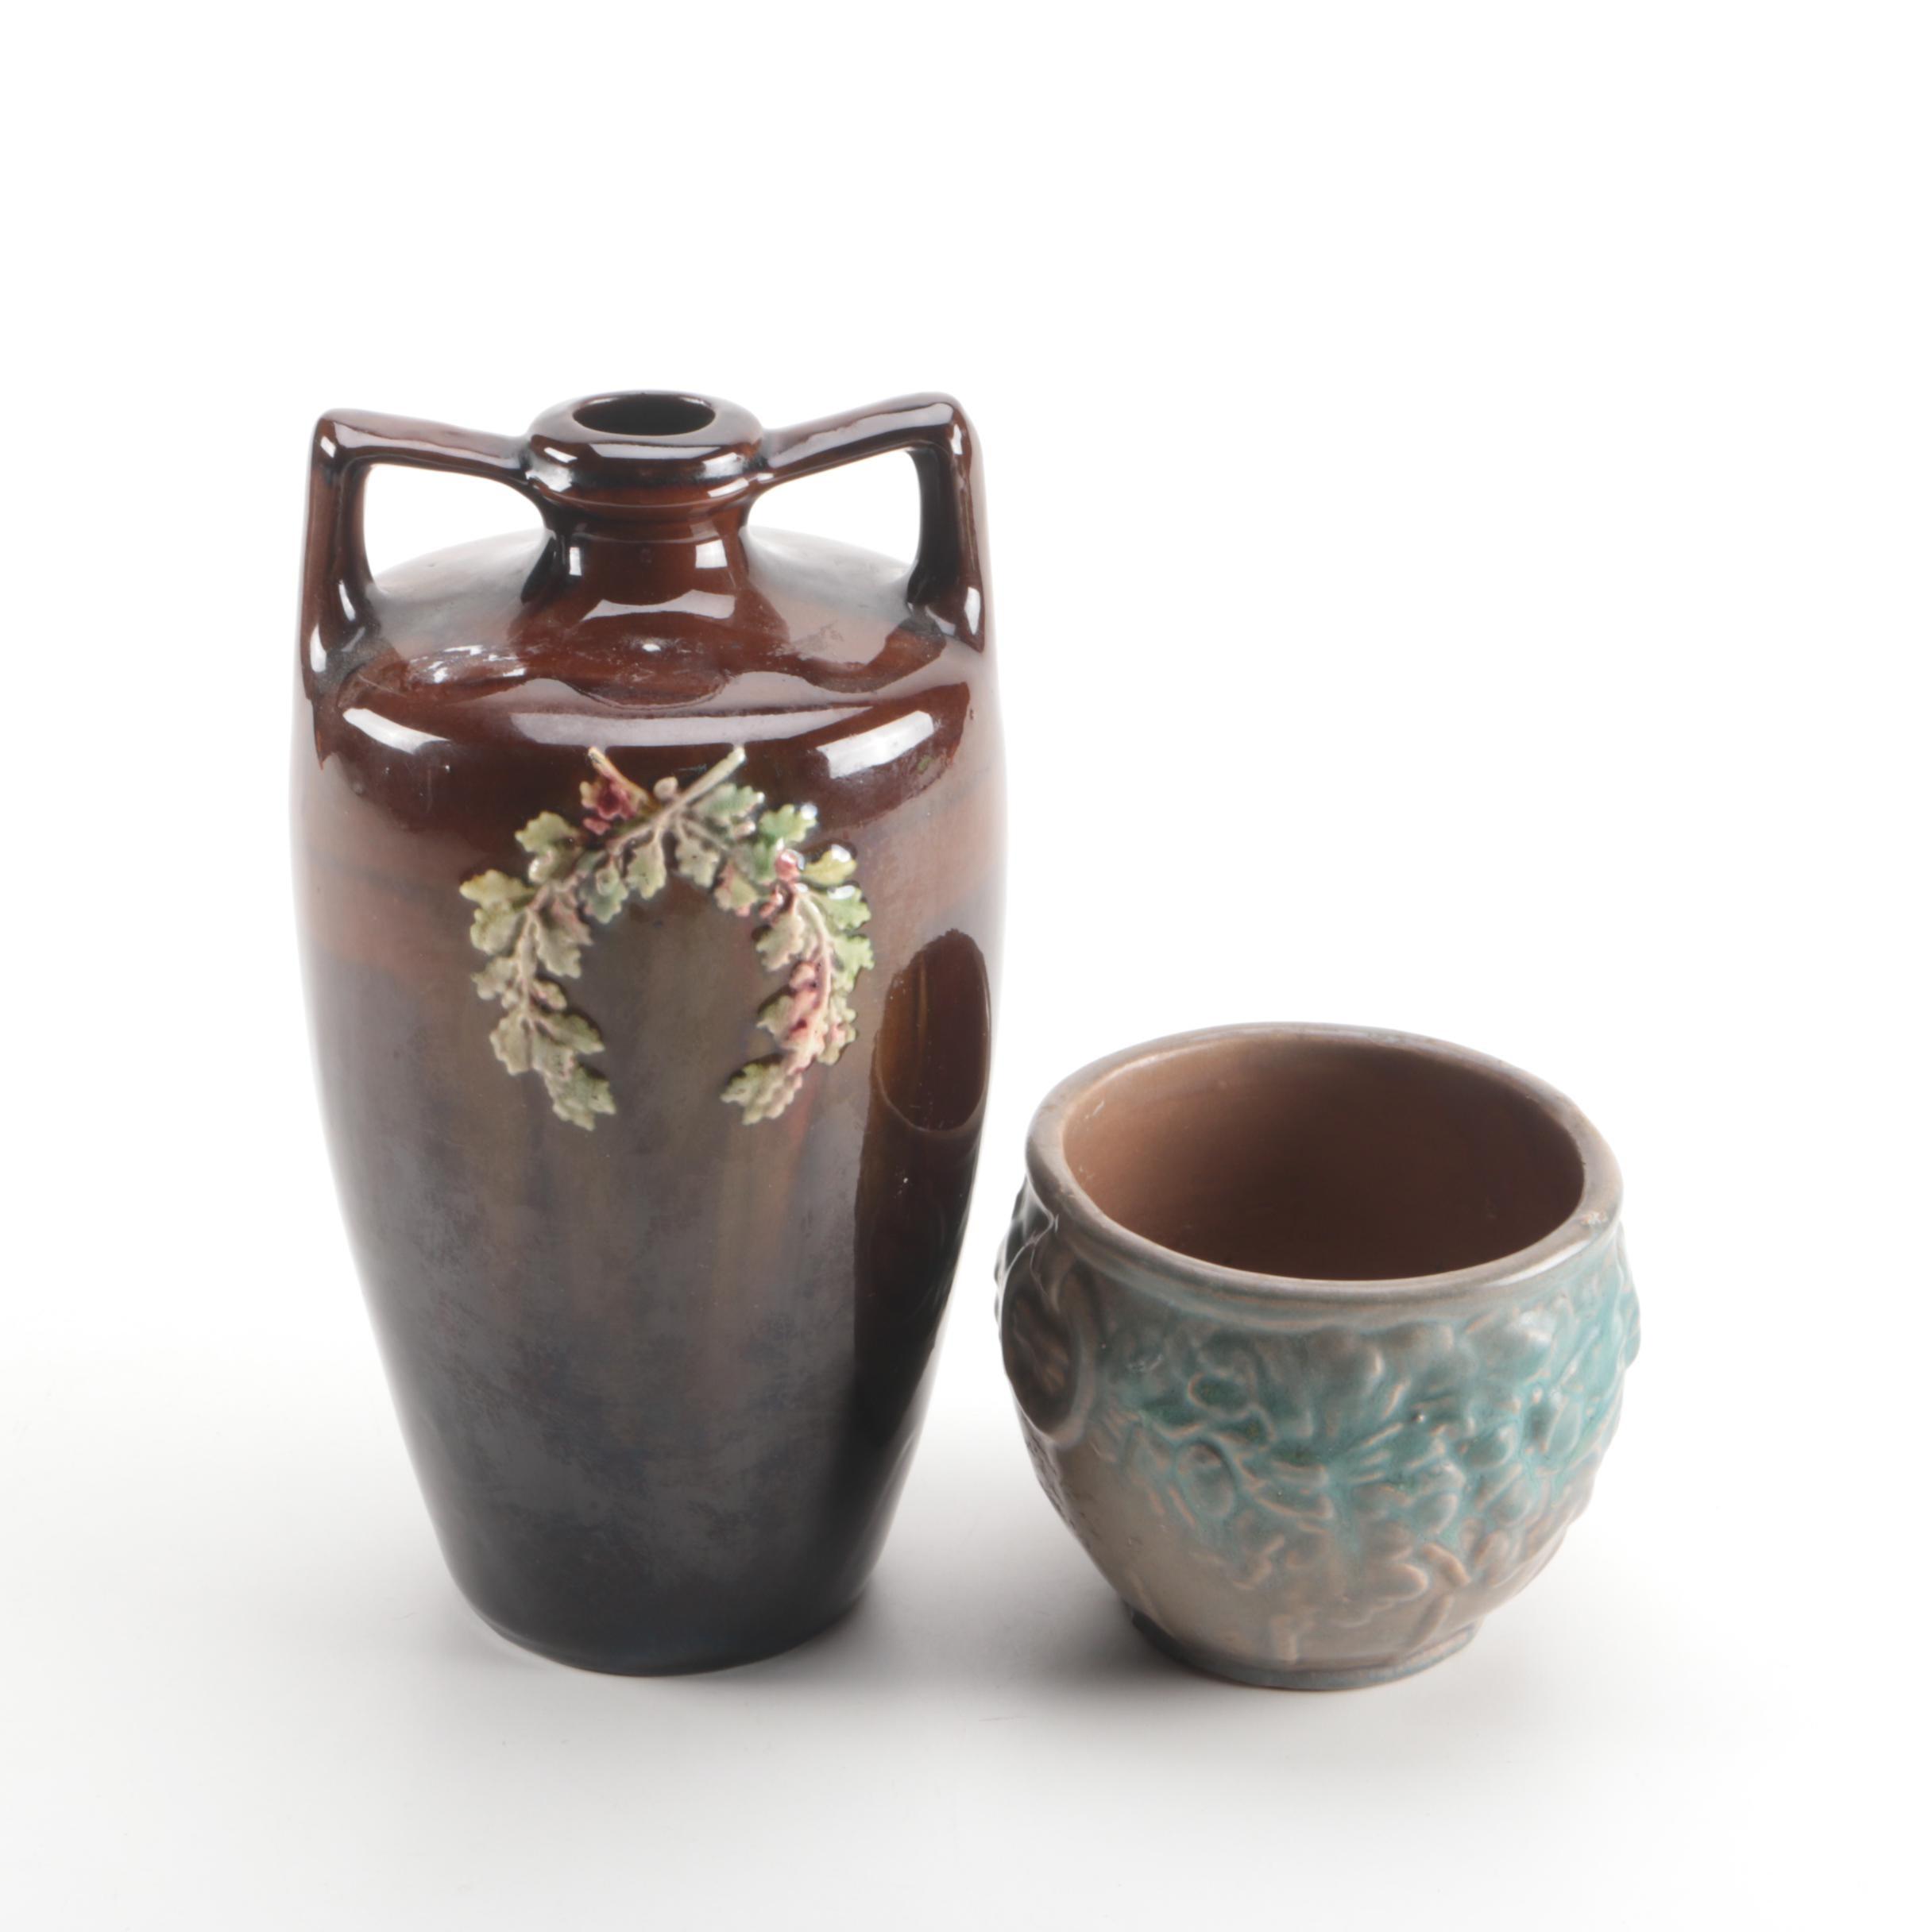 Vintage Pottery Vase and Pot